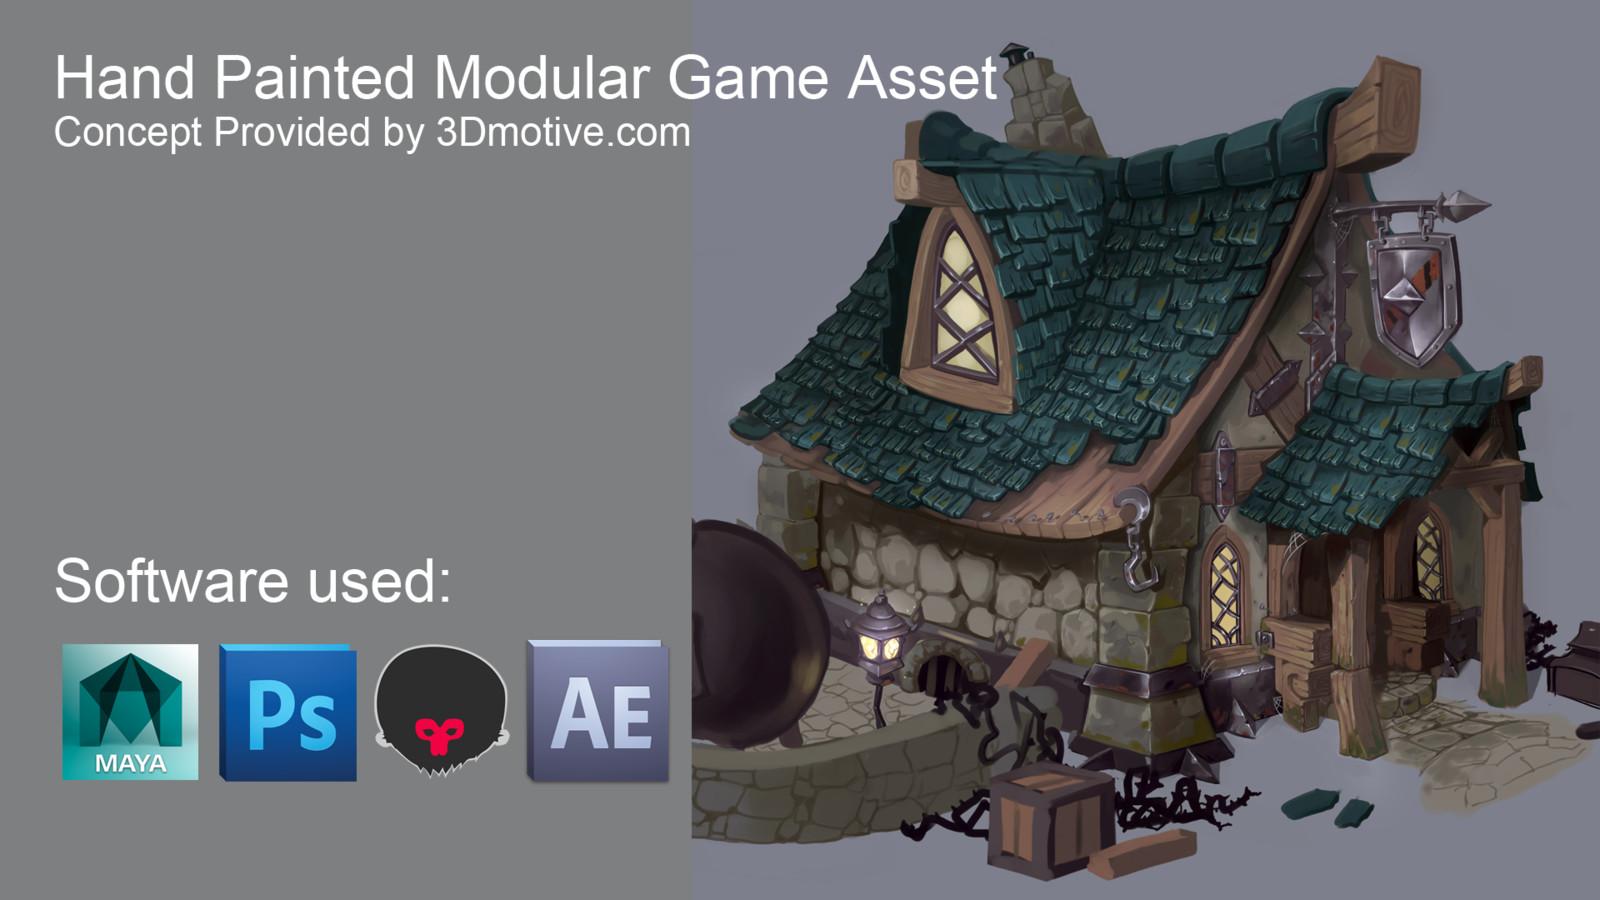 Credit: 3Dmotive.com